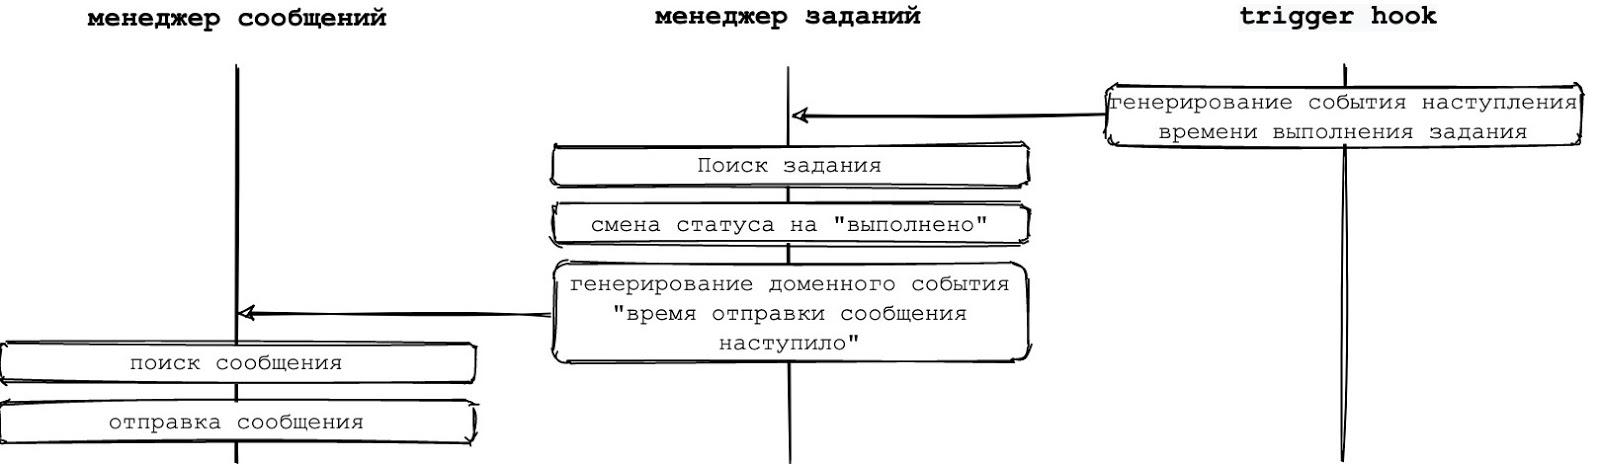 Рисунок 6 -  Обработка события с использованием промежуточного слоя